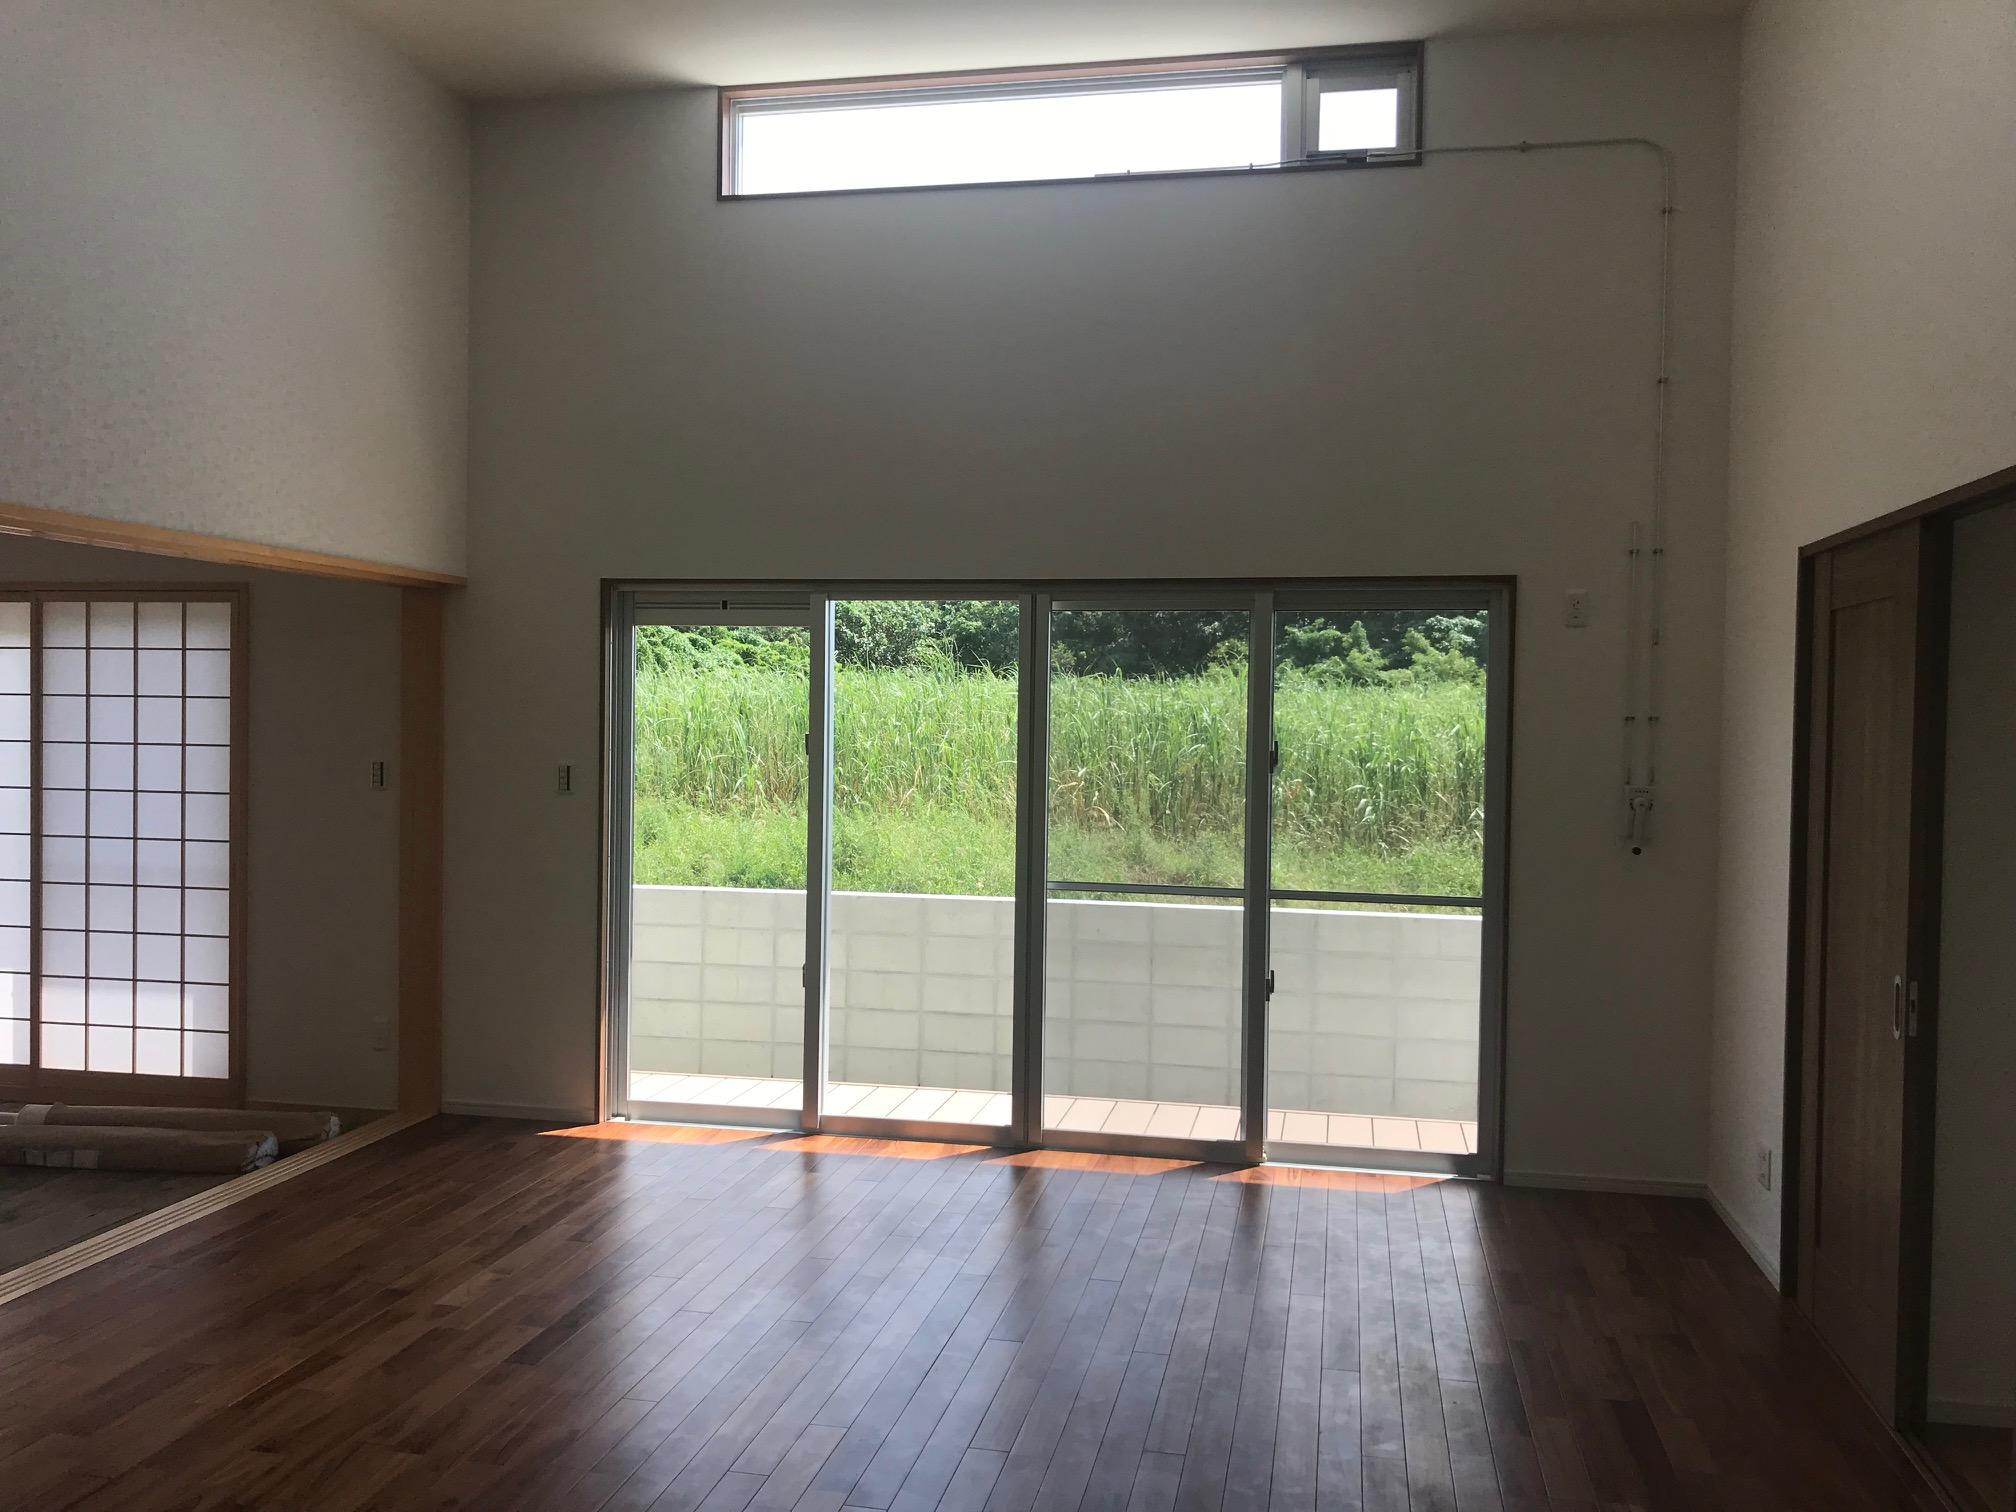 糸満市字大里にて【平家住宅】のオープンハウス&無料住宅相談会を開催!